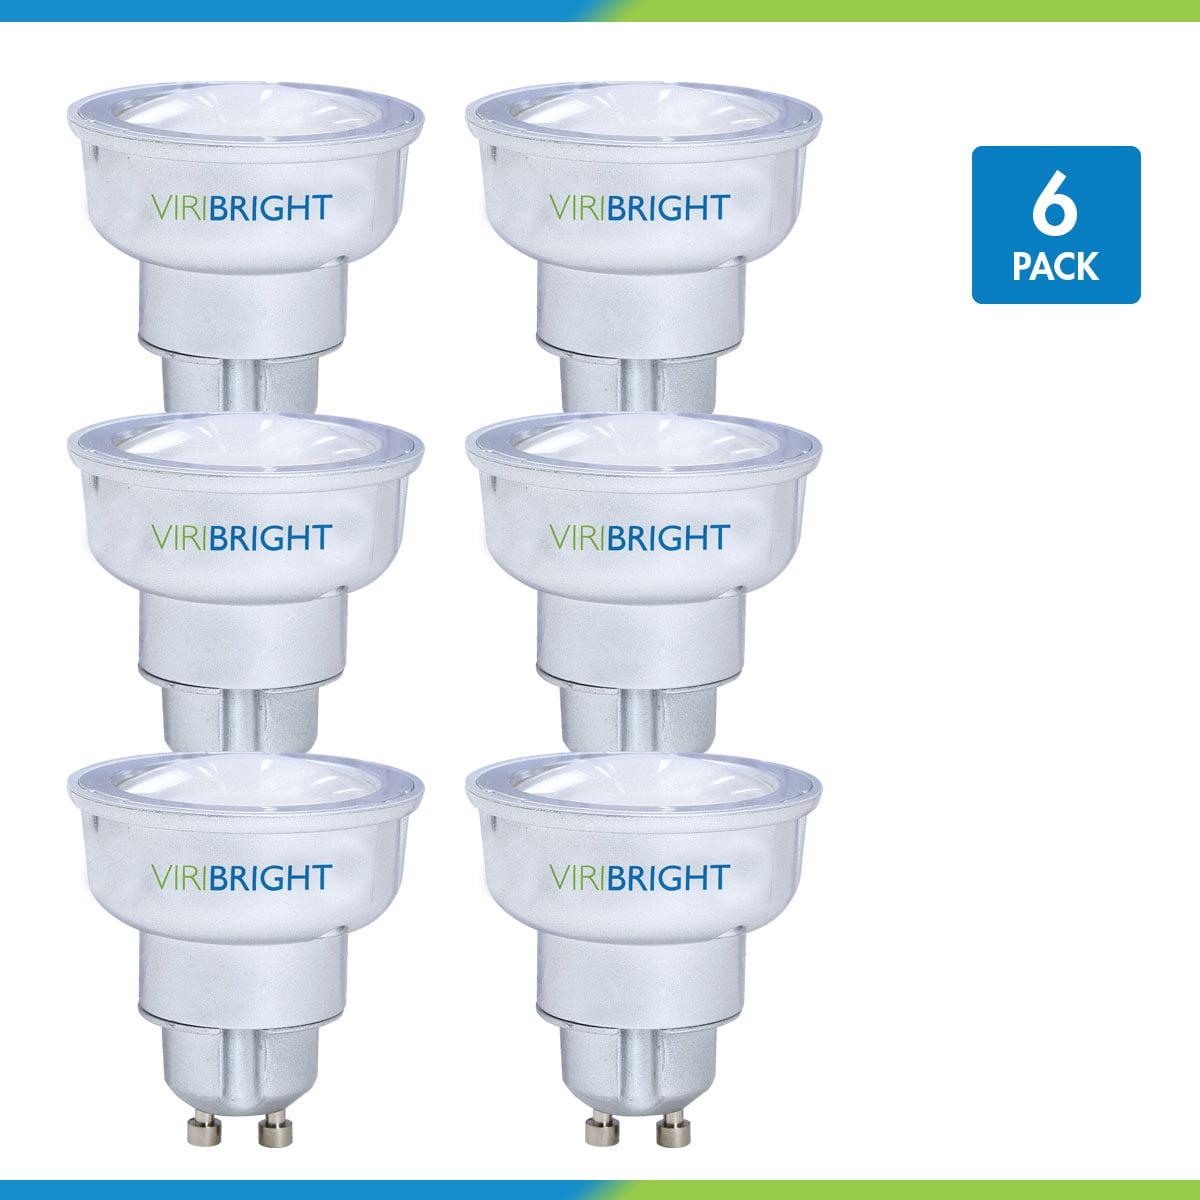 Viribright 35 Watt Replacement MR16 LED Light Bulb (6 pack), GU10 Base, 2700K Warm White